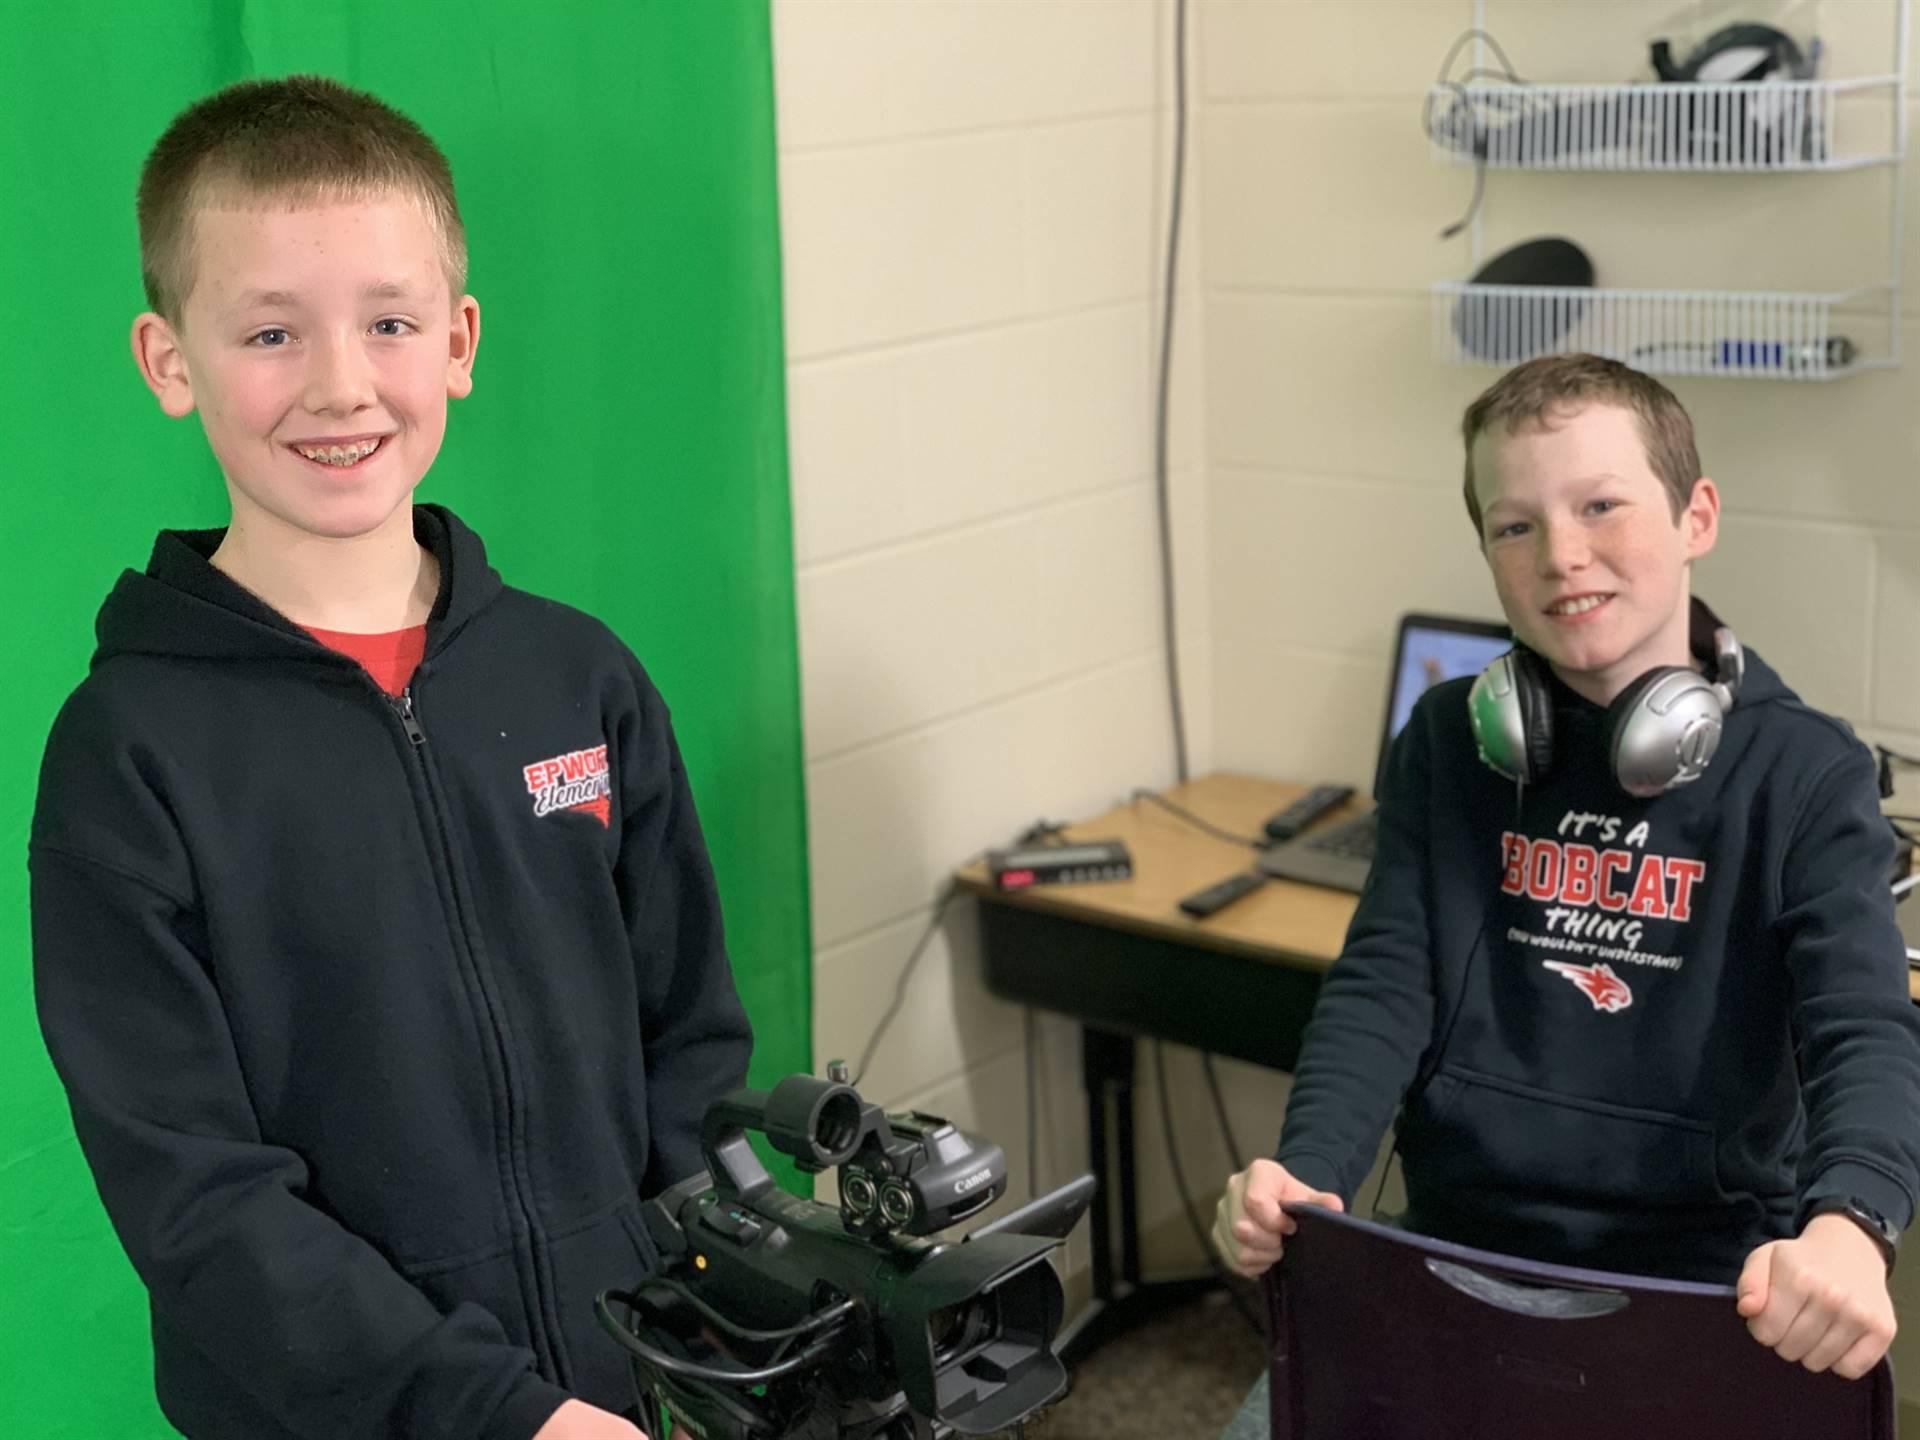 Technology Ambassadors at Epworth Elementary